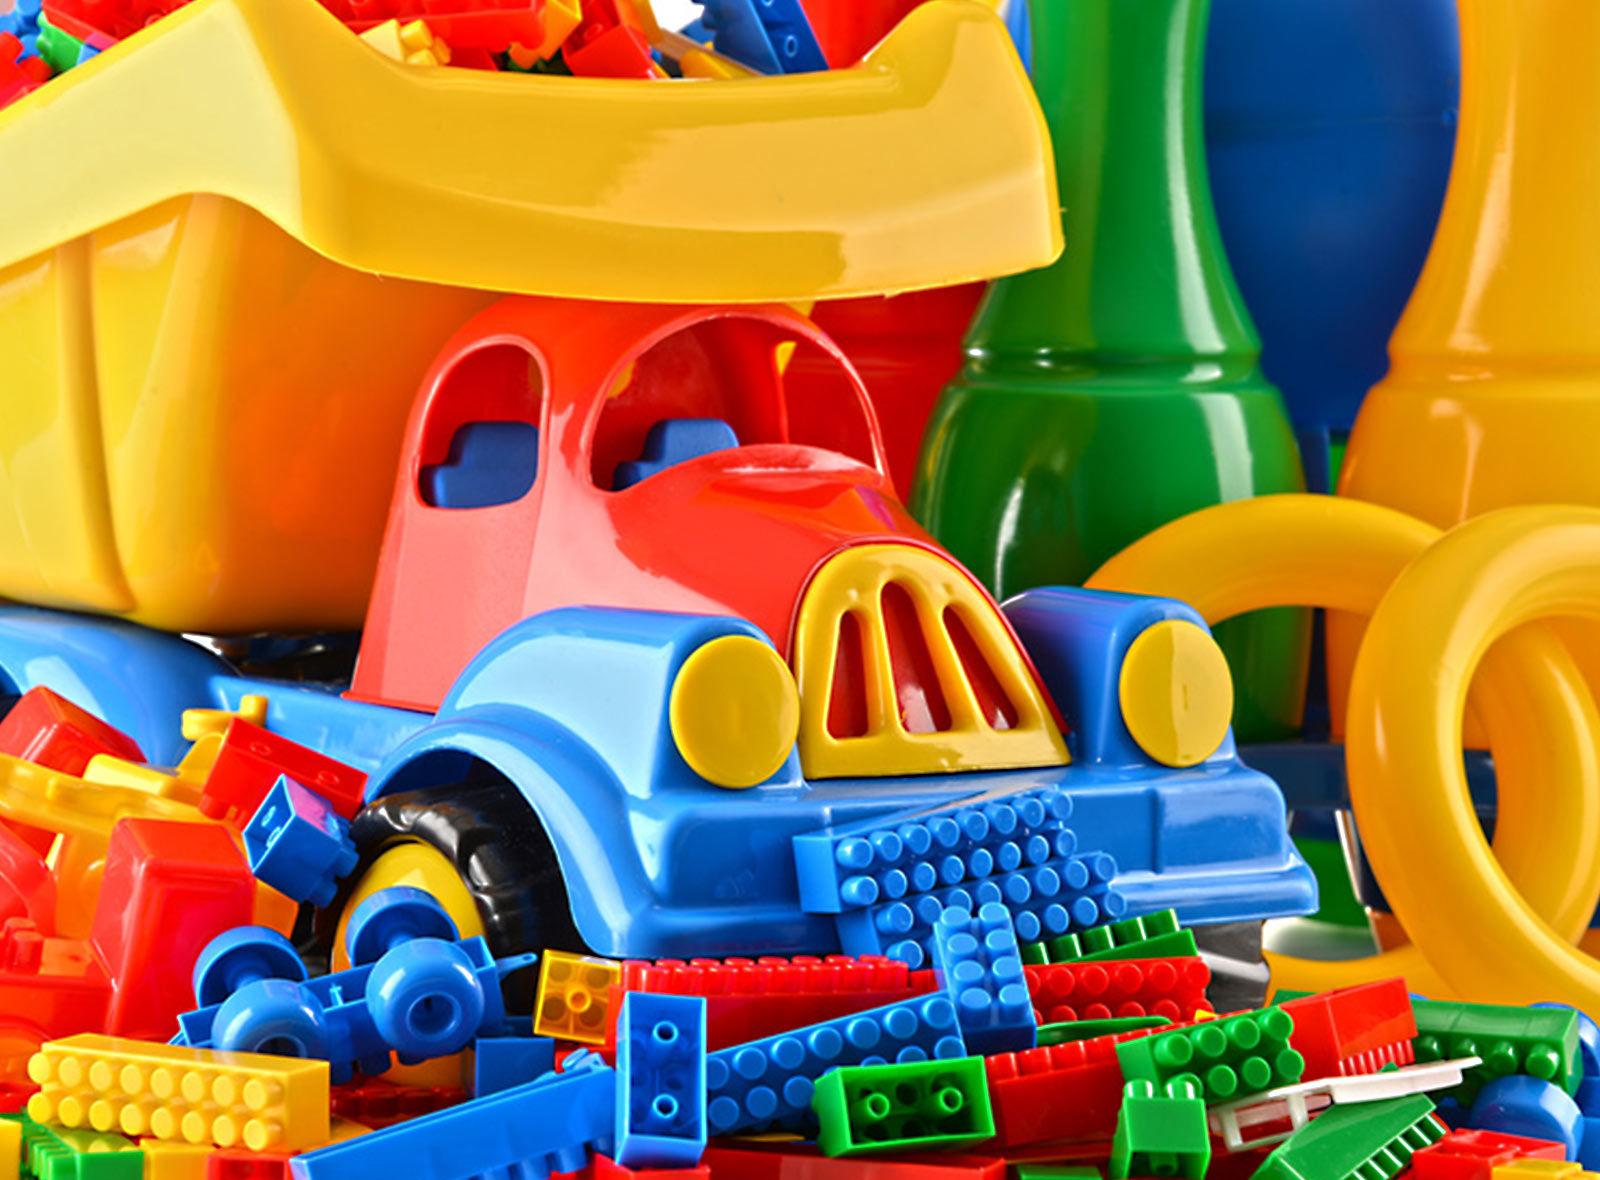 holz-oder-plastik-spielzeug-wald-blog